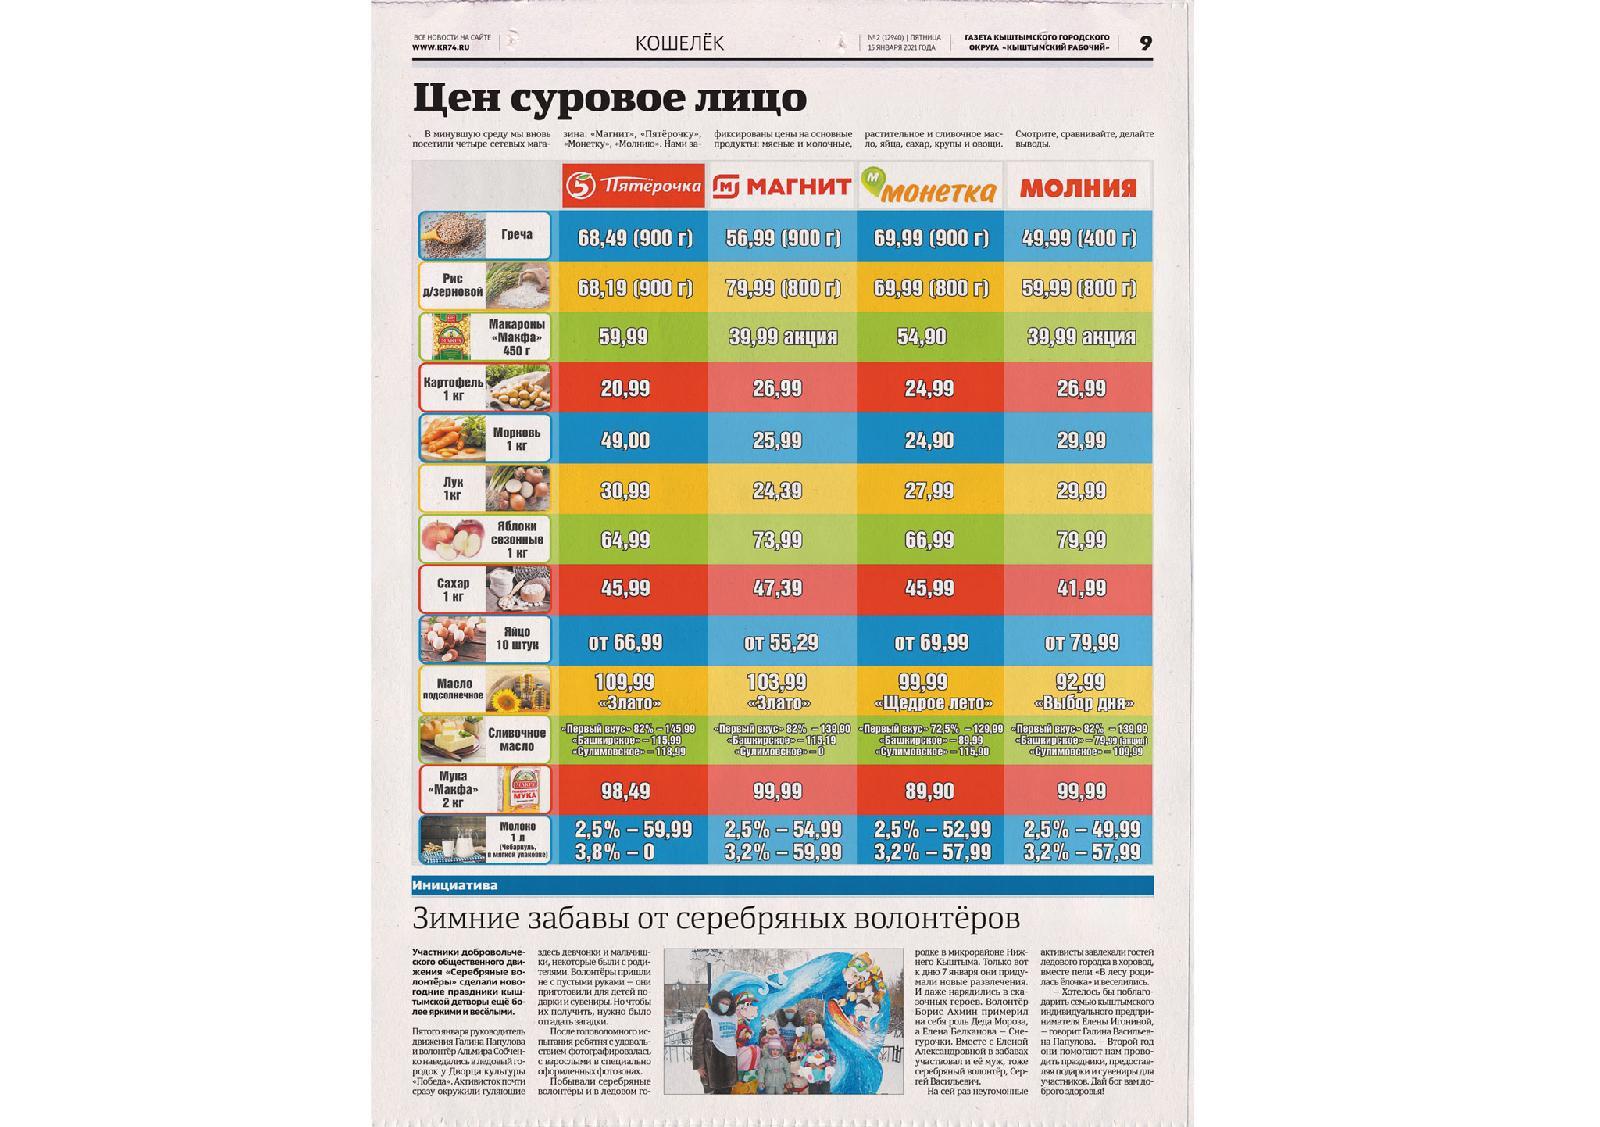 Во время пандемии в газете появилась постоянная рубрика, в которой публикуется сравнительная таблица цен на основные продукты питания в разных магазинах